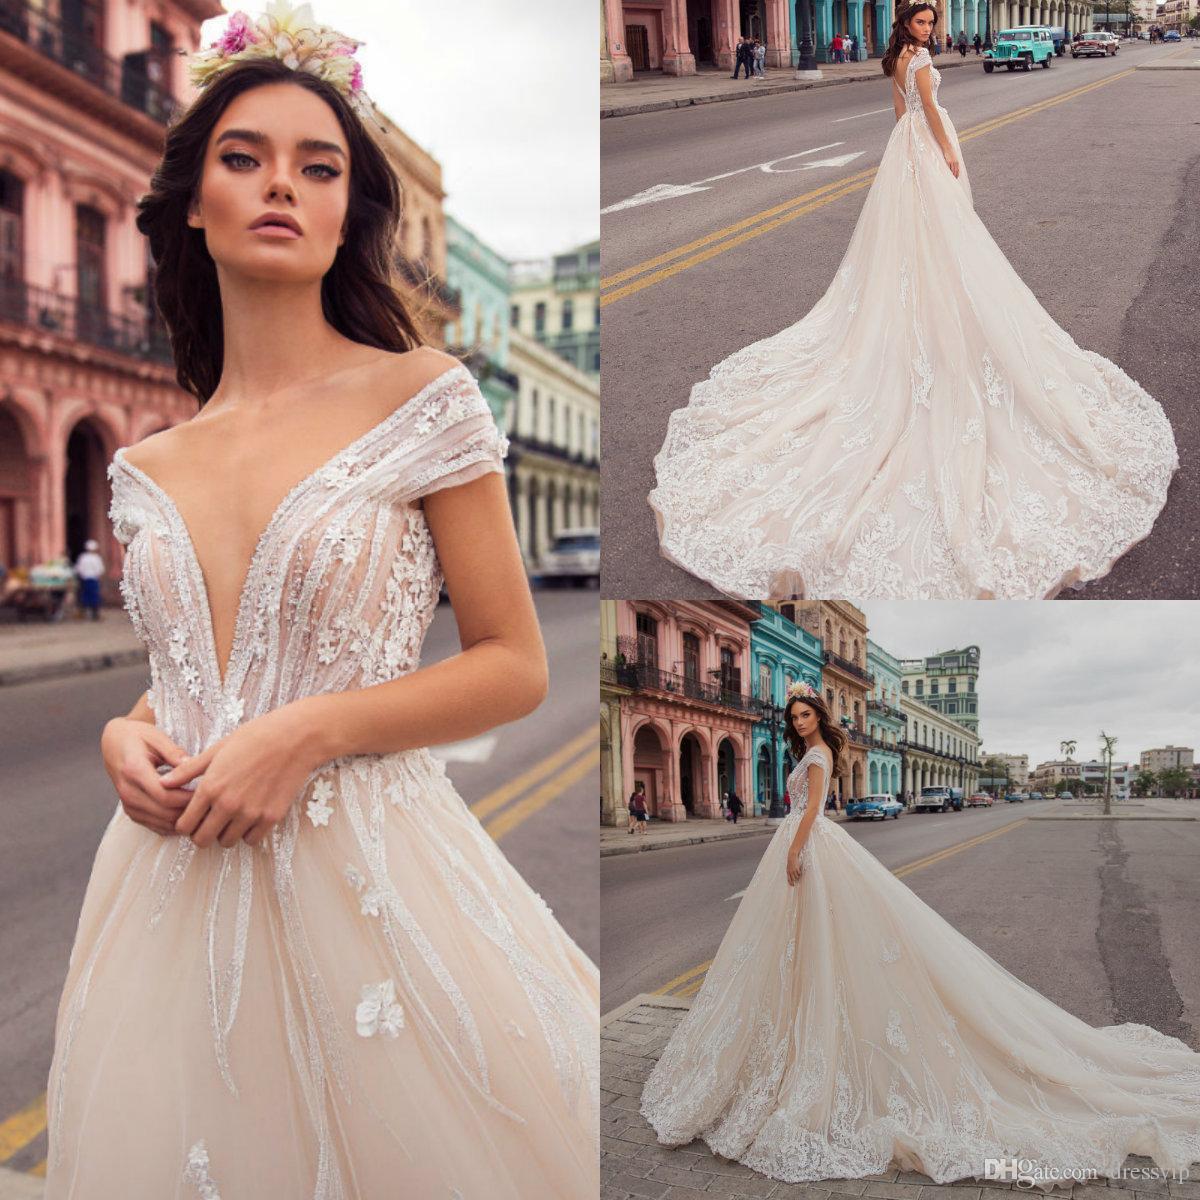 Vestidos de boda playa 2019